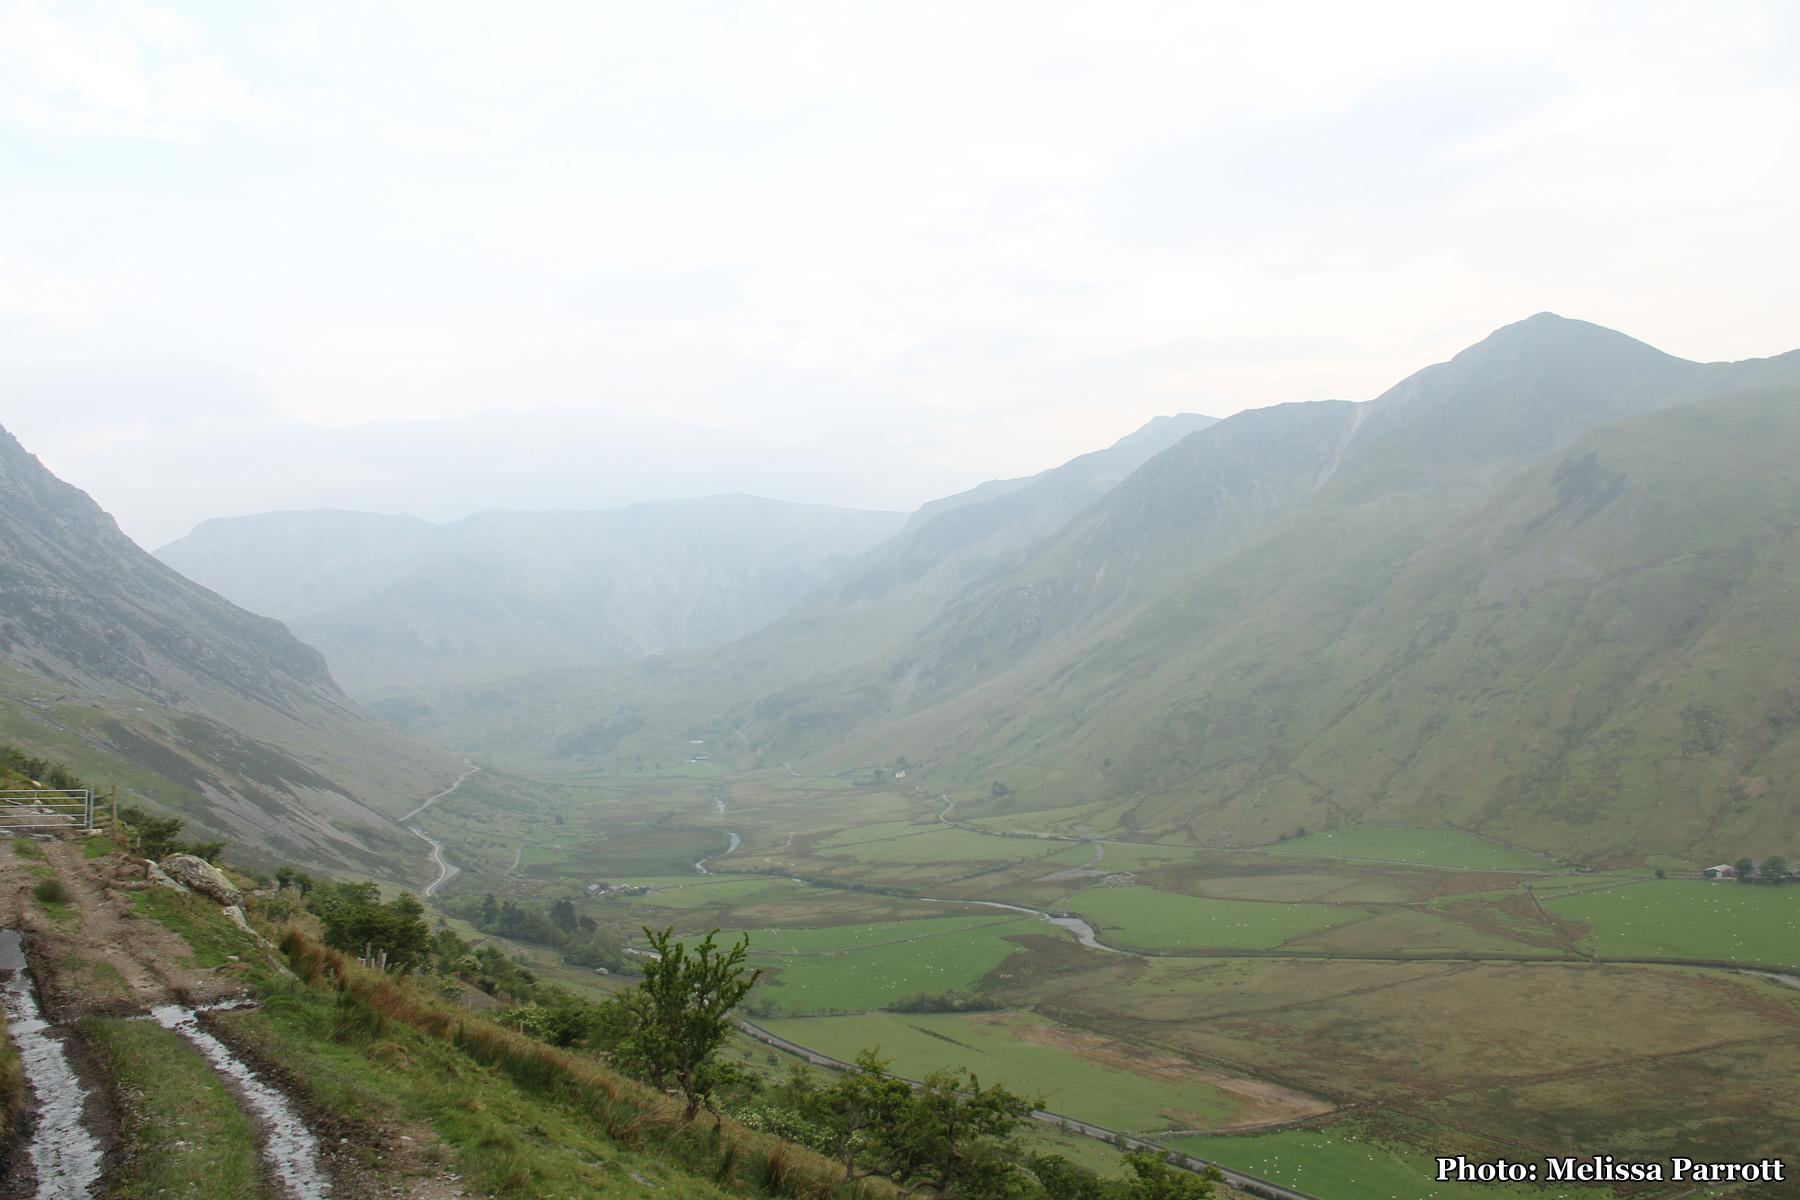 Up and down the Nant Ffrancon, Gwynedd